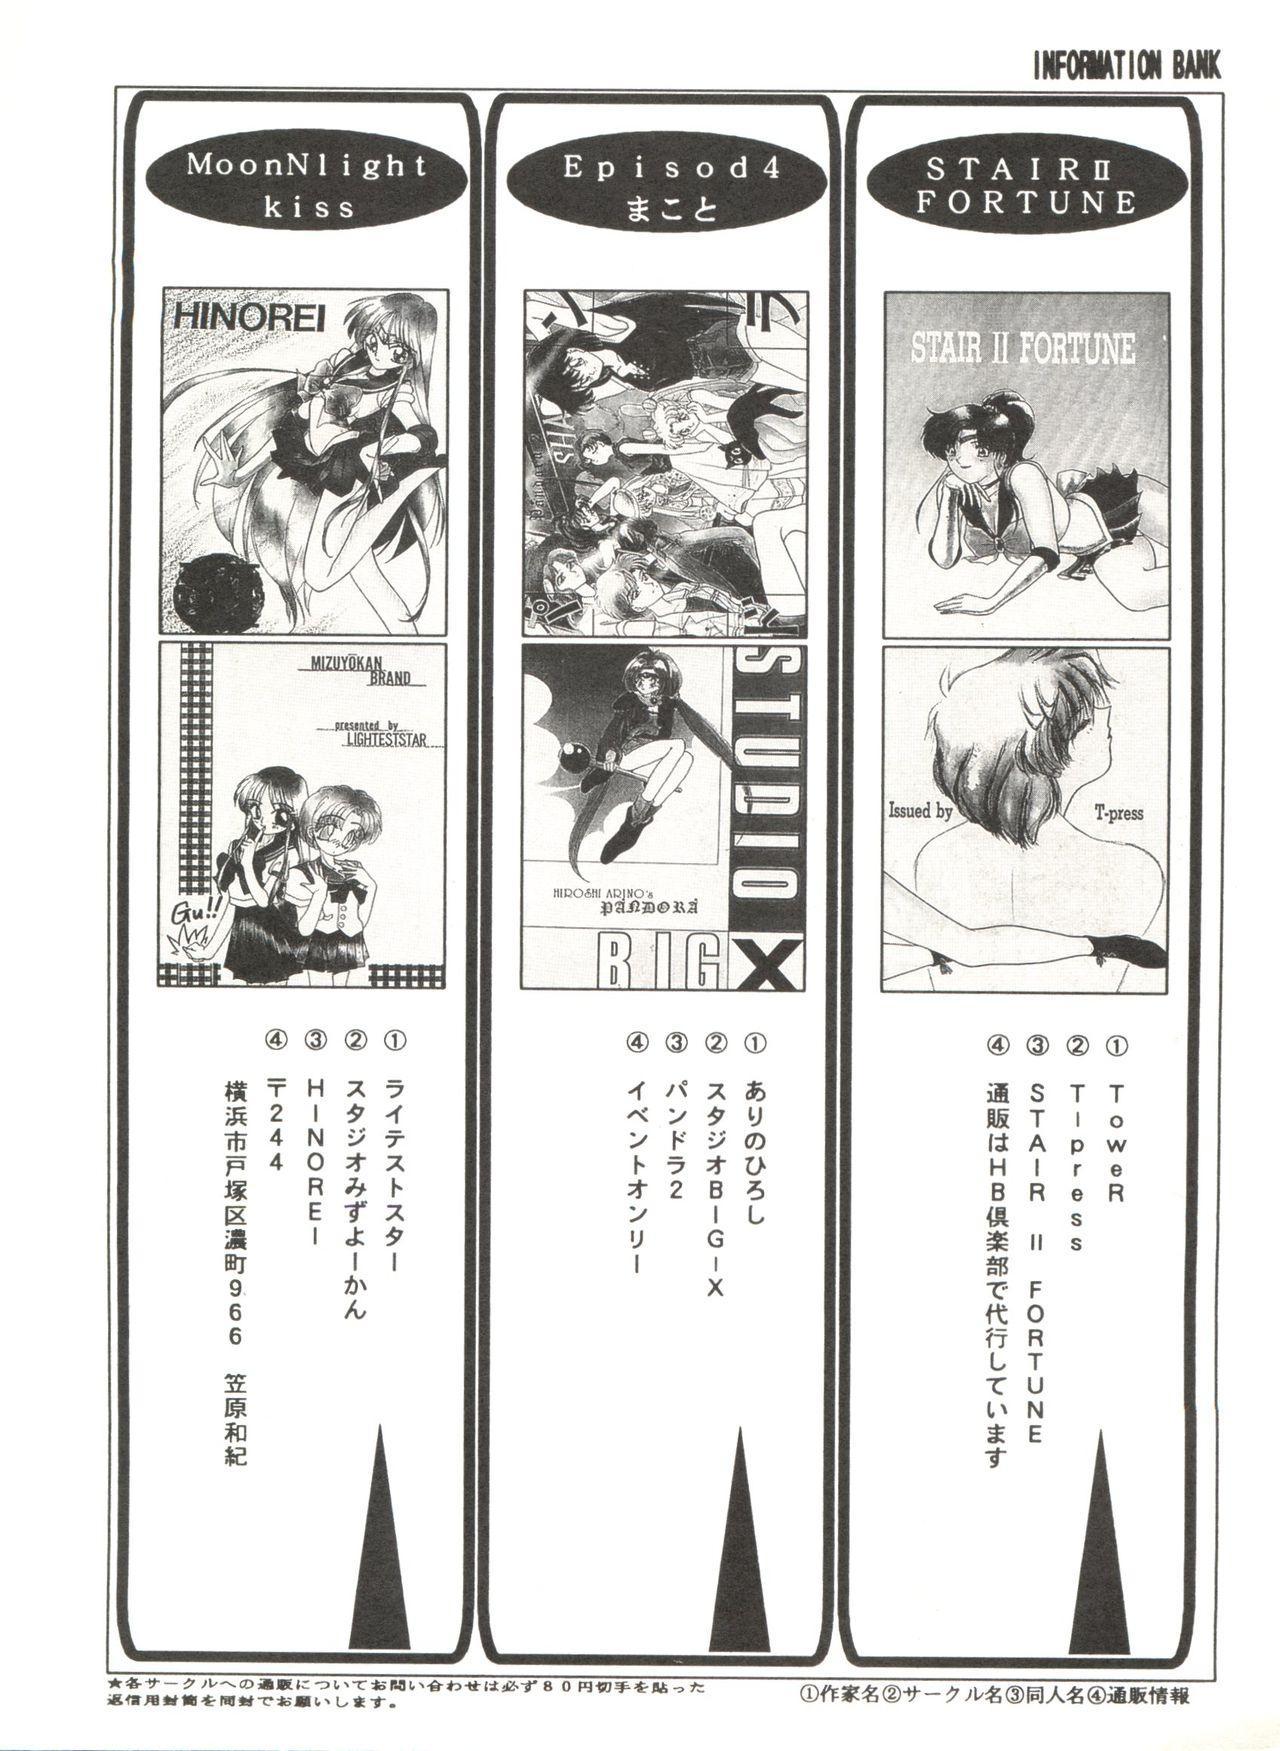 Bishoujo Doujinshi Anthology 12 - Moon Paradise 7 Tsuki no Rakuen 144